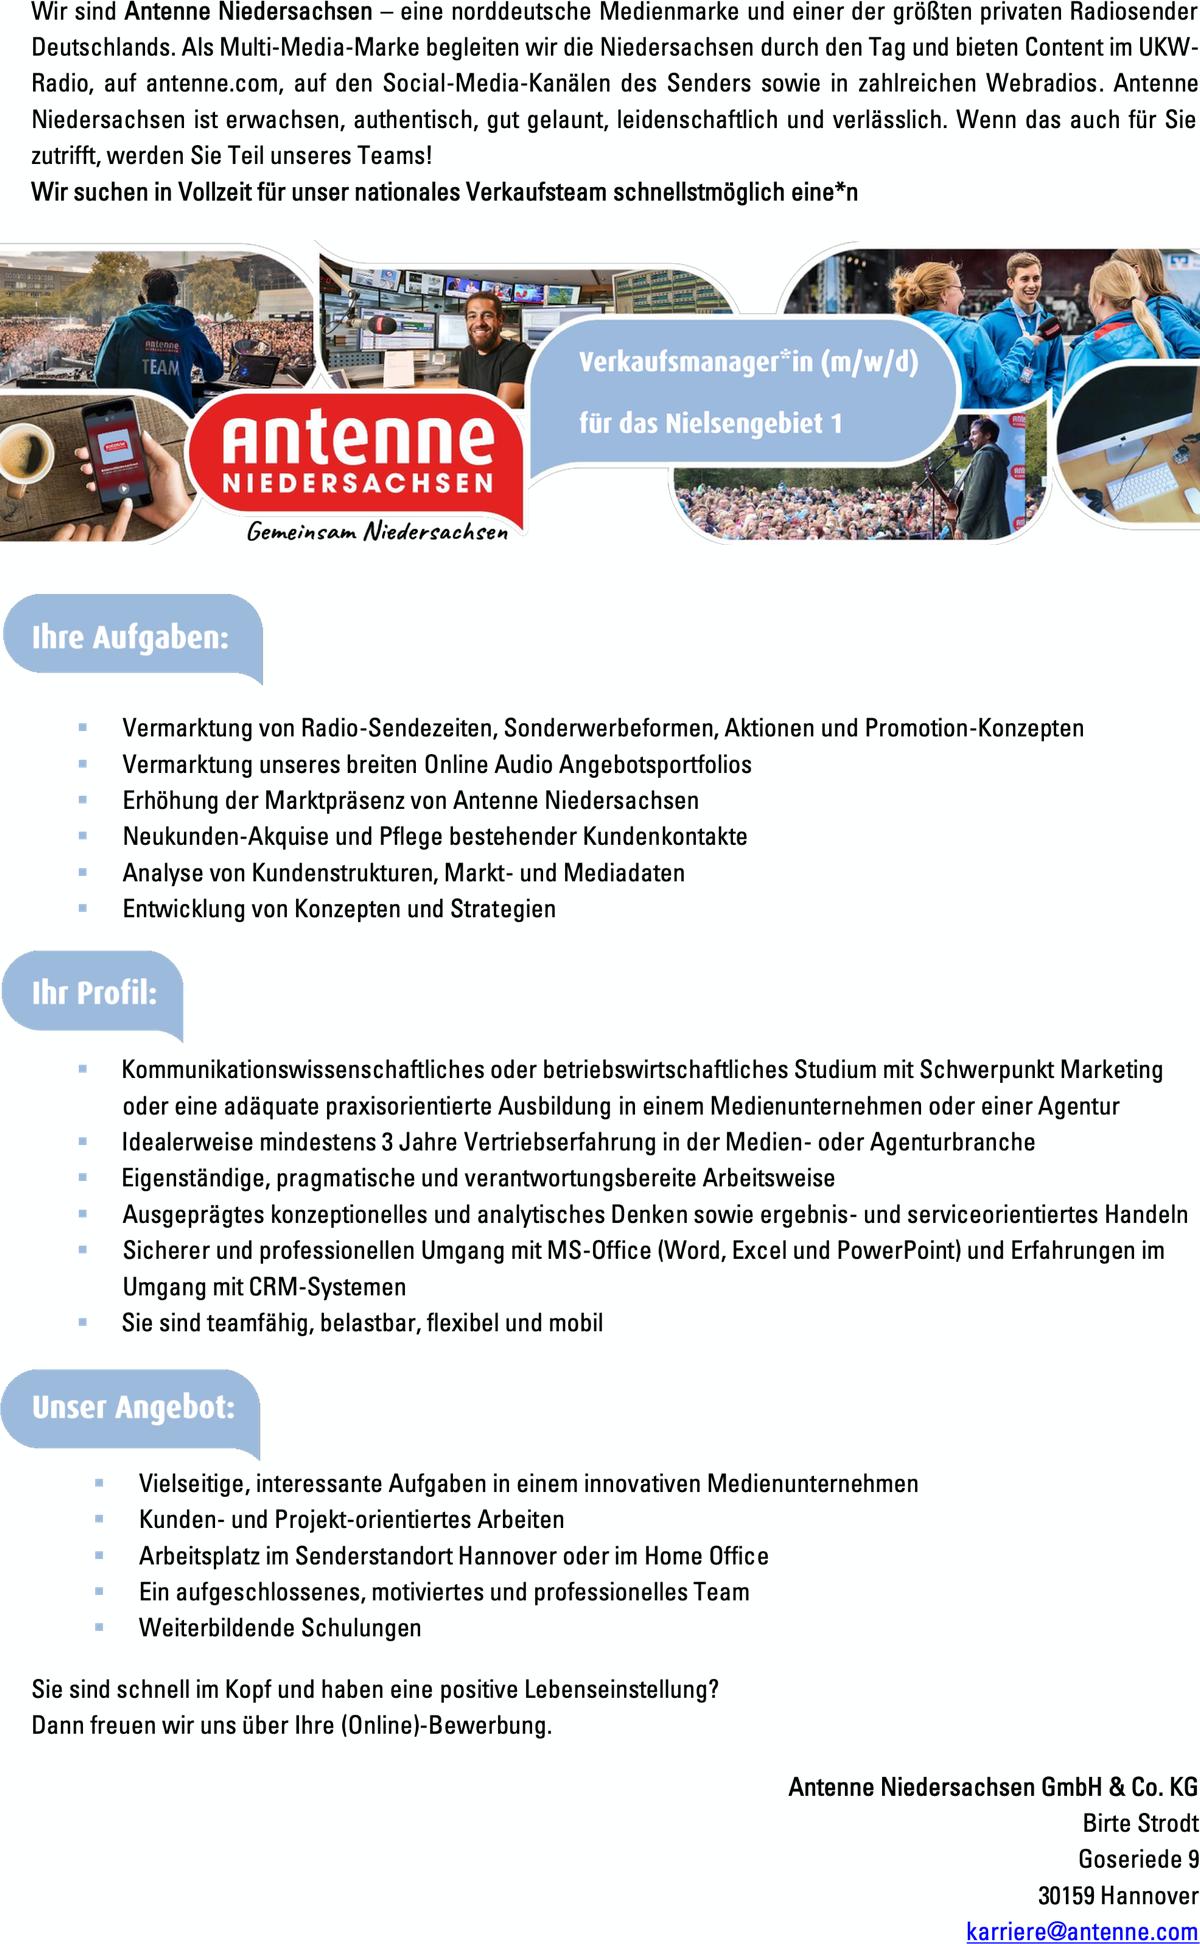 Wir sind Antenne Niedersachsen – eine norddeutsche Medienmarke und einer der größten privaten Radiosender Deutschlands. Als Multi-Media-Marke begleiten wir die Niedersachsen durch den Tag und bieten Content im UKW- Radio, auf antenne.com, auf den Social-Media-Kanälen des Senders sowie in zahlreichen Webradios. Antenne Niedersachsen ist erwachsen, authentisch, gut gelaunt, leidenschaftlich und verlässlich. Wenn das auch für Sie zutrifft, werden Sie Teil unseres Teams! Wir suchen in Vollzeit für unser nationales Verkaufsteam schnellstmöglich eine*n       ▪ ▪ ▪ ▪ ▪ ▪ ▪ ▪ ▪ ▪ ▪ ▪ ▪ ▪ ▪ ▪ ▪ VermarktungvonRadio-Sendezeiten,Sonderwerbeformen,AktionenundPromotion-Konzepten VermarktungunseresbreitenOnlineAudioAngebotsportfolios ErhöhungderMarktpräsenzvonAntenneNiedersachsen Neukunden-AkquiseundPflegebestehenderKundenkontakte AnalysevonKundenstrukturen,Markt-undMediadaten EntwicklungvonKonzeptenundStrategien KommunikationswissenschaftlichesoderbetriebswirtschaftlichesStudiummitSchwerpunktMarketing oder eine adäquate praxisorientierte Ausbildung in einem Medienunternehmen oder einer Agentur Idealerweisemindestens3JahreVertriebserfahrunginderMedien-oderAgenturbranche Eigenständige,pragmatischeundverantwortungsbereiteArbeitsweise AusgeprägteskonzeptionellesundanalytischesDenkensowieergebnis-undserviceorientiertesHandeln SichererundprofessionellenUmgangmitMS-Office(Word,ExcelundPowerPoint)undErfahrungenim Umgang mit CRM-Systemen Siesindteamfähig,belastbar,flexibelundmobil Vielseitige,interessanteAufgabenineineminnovativenMedienunternehmen Kunden-undProjekt-orientiertesArbeiten ArbeitsplatzimSenderstandortHannoveroderimHomeOffice Einaufgeschlossenes,motiviertesundprofessionellesTeam WeiterbildendeSchulungen       Sie sind schnell im Kopf und haben eine positive Lebenseinstellung? Dann freuen wir uns über Ihre (Online)-Bewerbung. Antenne Niedersachsen GmbH & Co. KG Birte Strodt Goseriede 9 30159 Hannover karriere@antenne.com